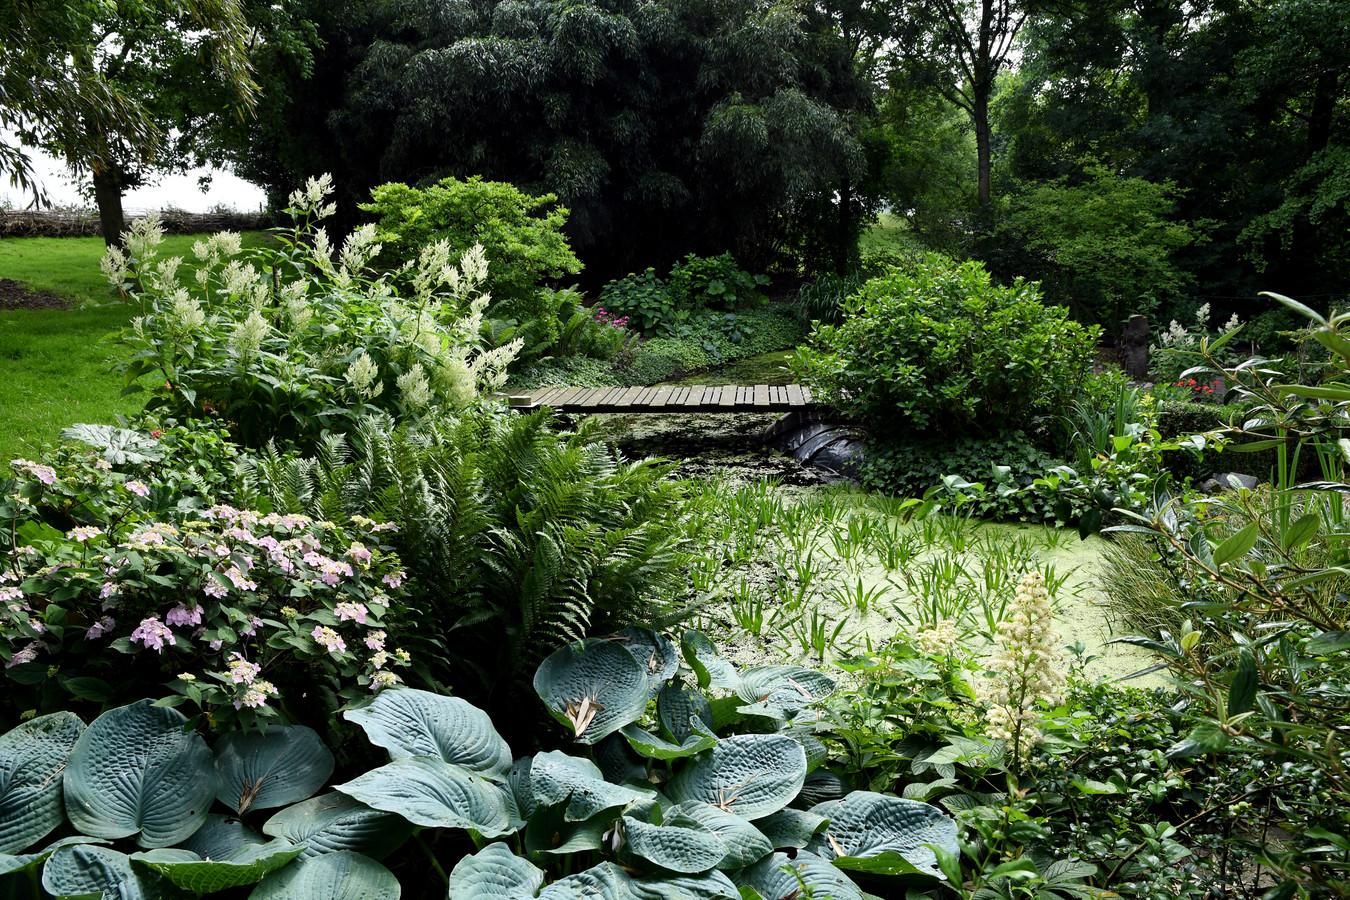 Vanuit de vijver klinkt vrolijk gekwaak van de kikkers. Het is een levenswijze zo'n grote tuin, maar het blijft veel werk.